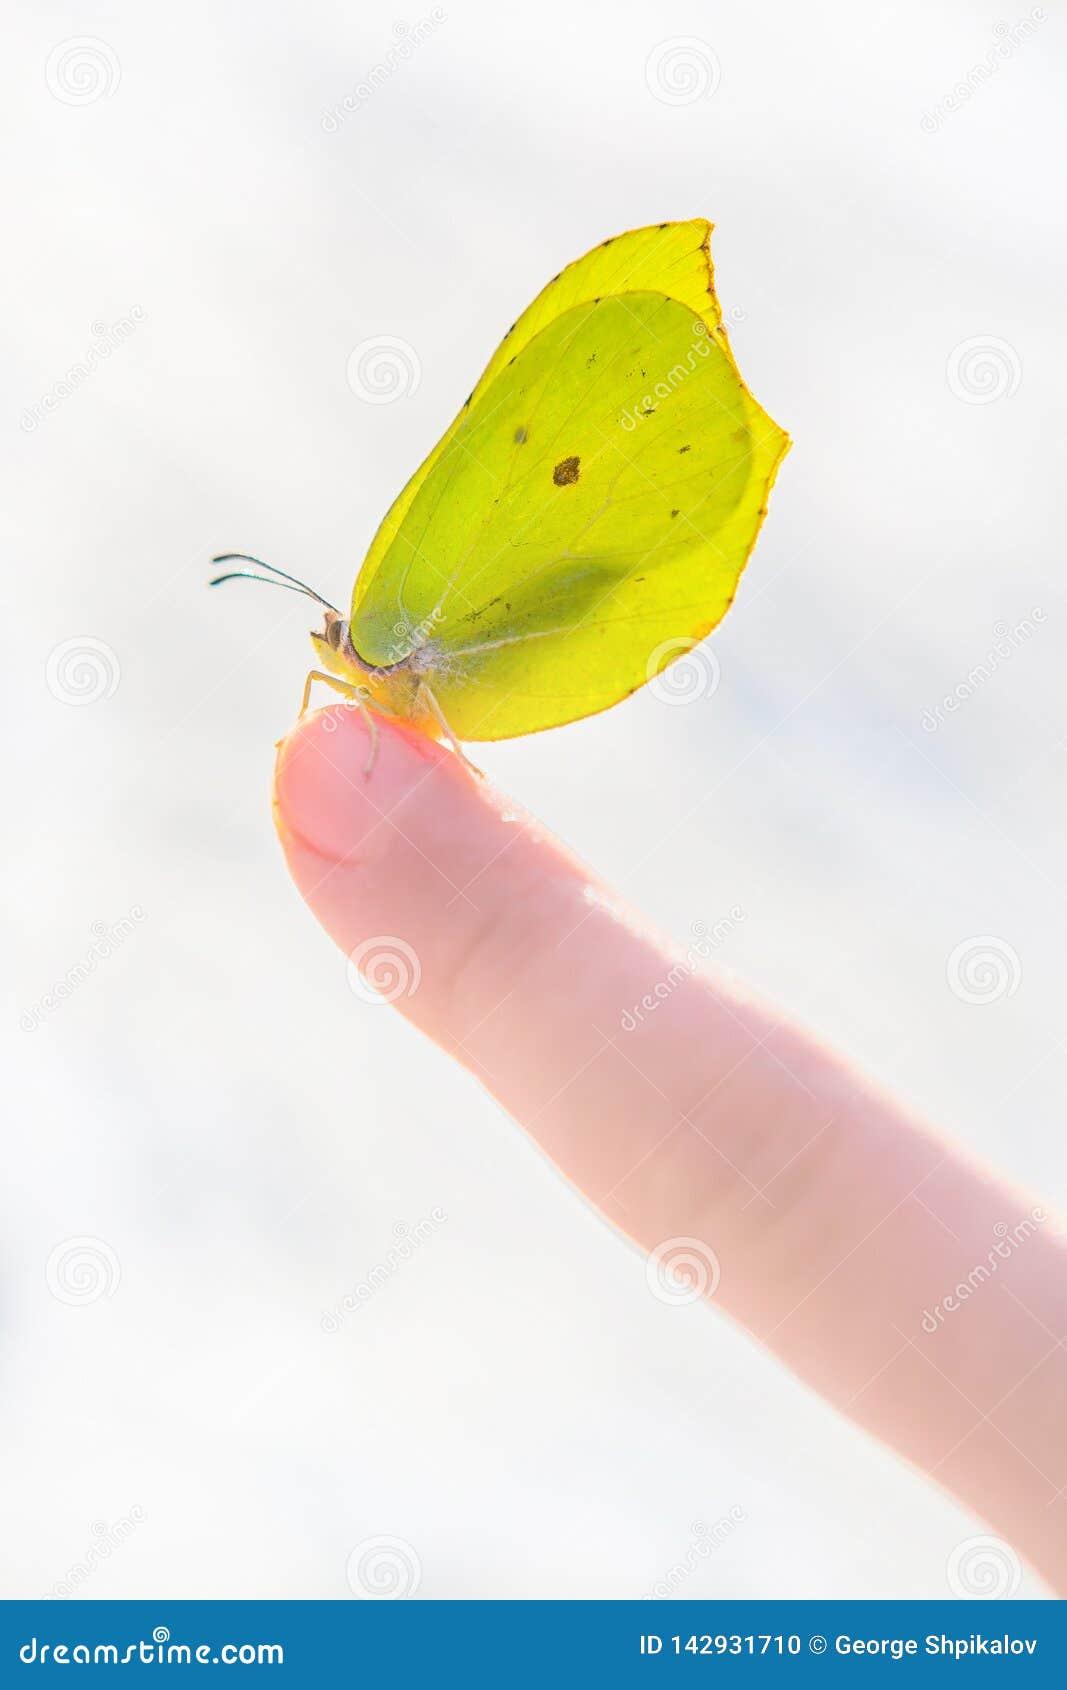 美丽的太阳在儿童的食指的被点燃的黄色蝴蝶反对被弄脏的多雪的背景